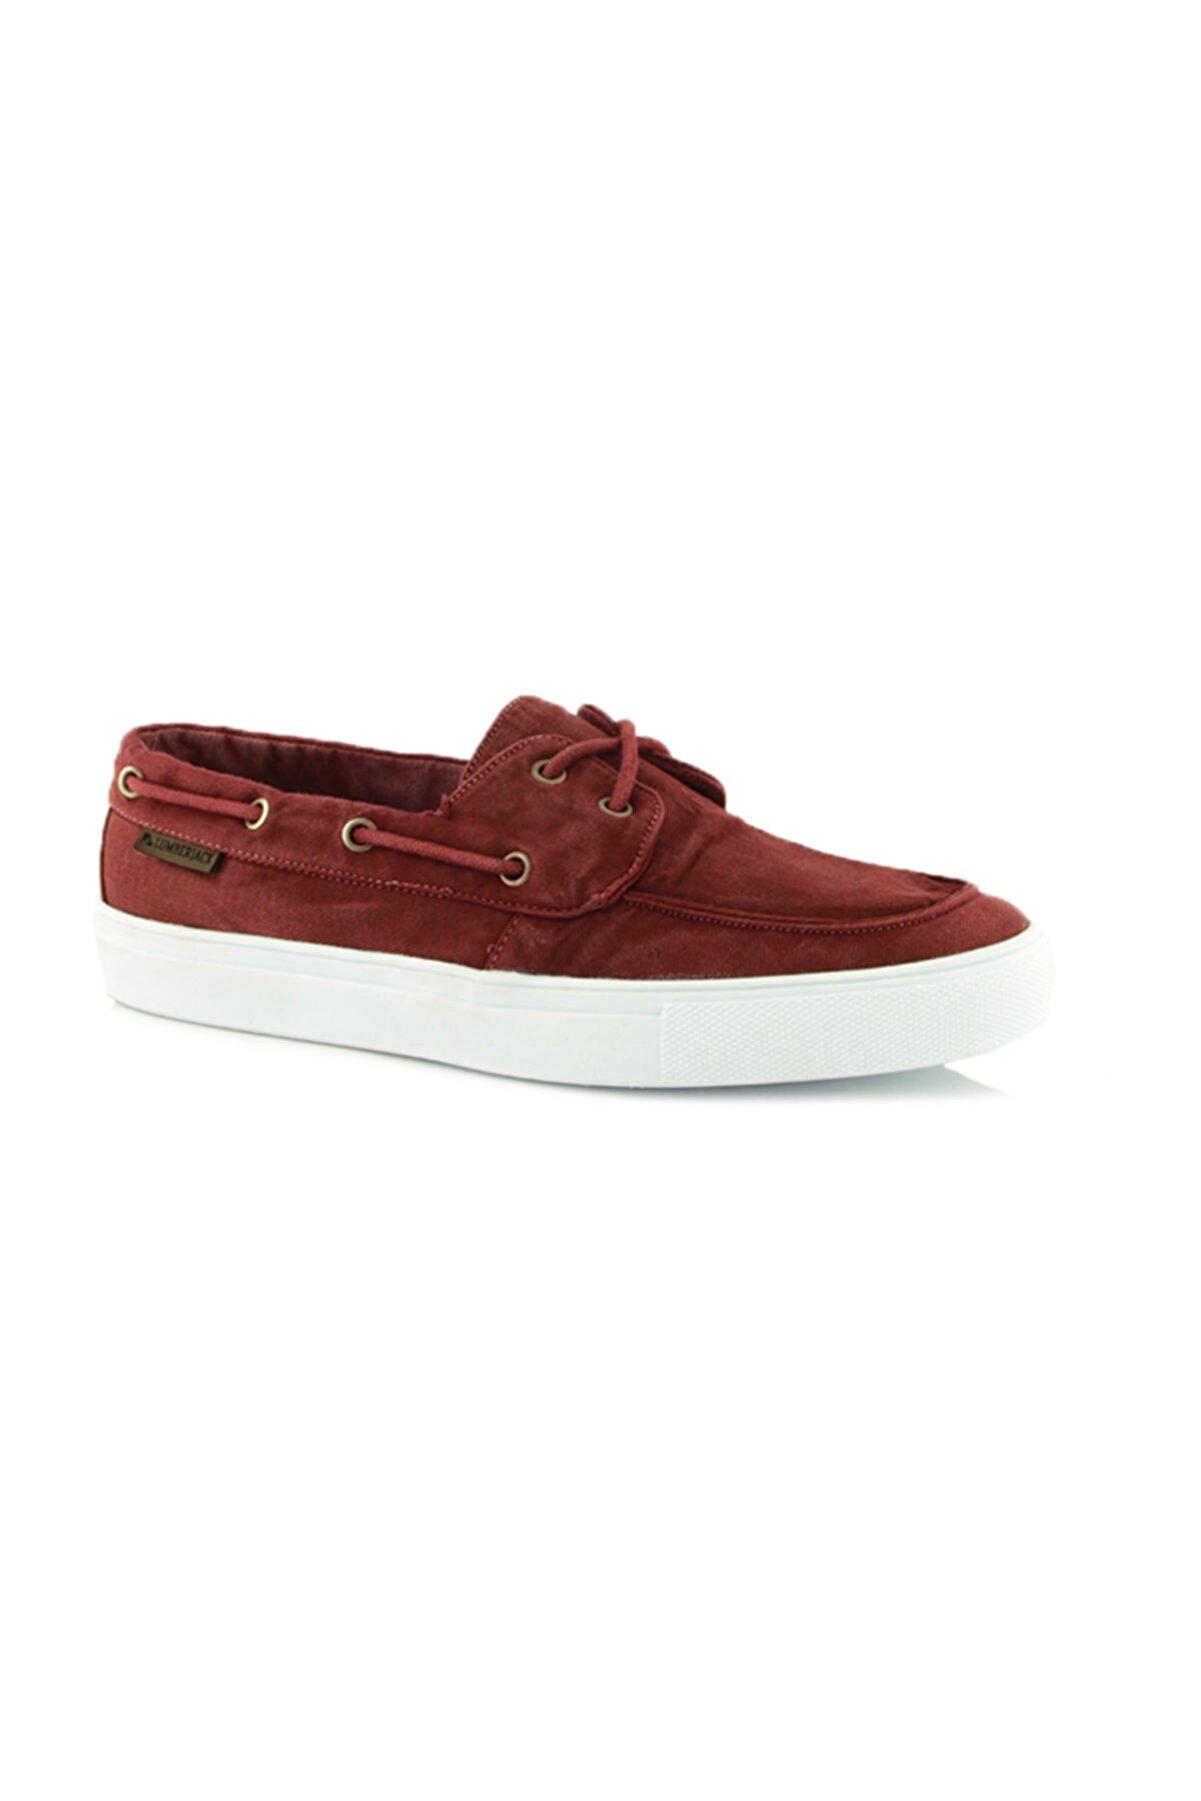 Lumberjack DAYTONA Kırmızı Erkek Sneaker 100248818